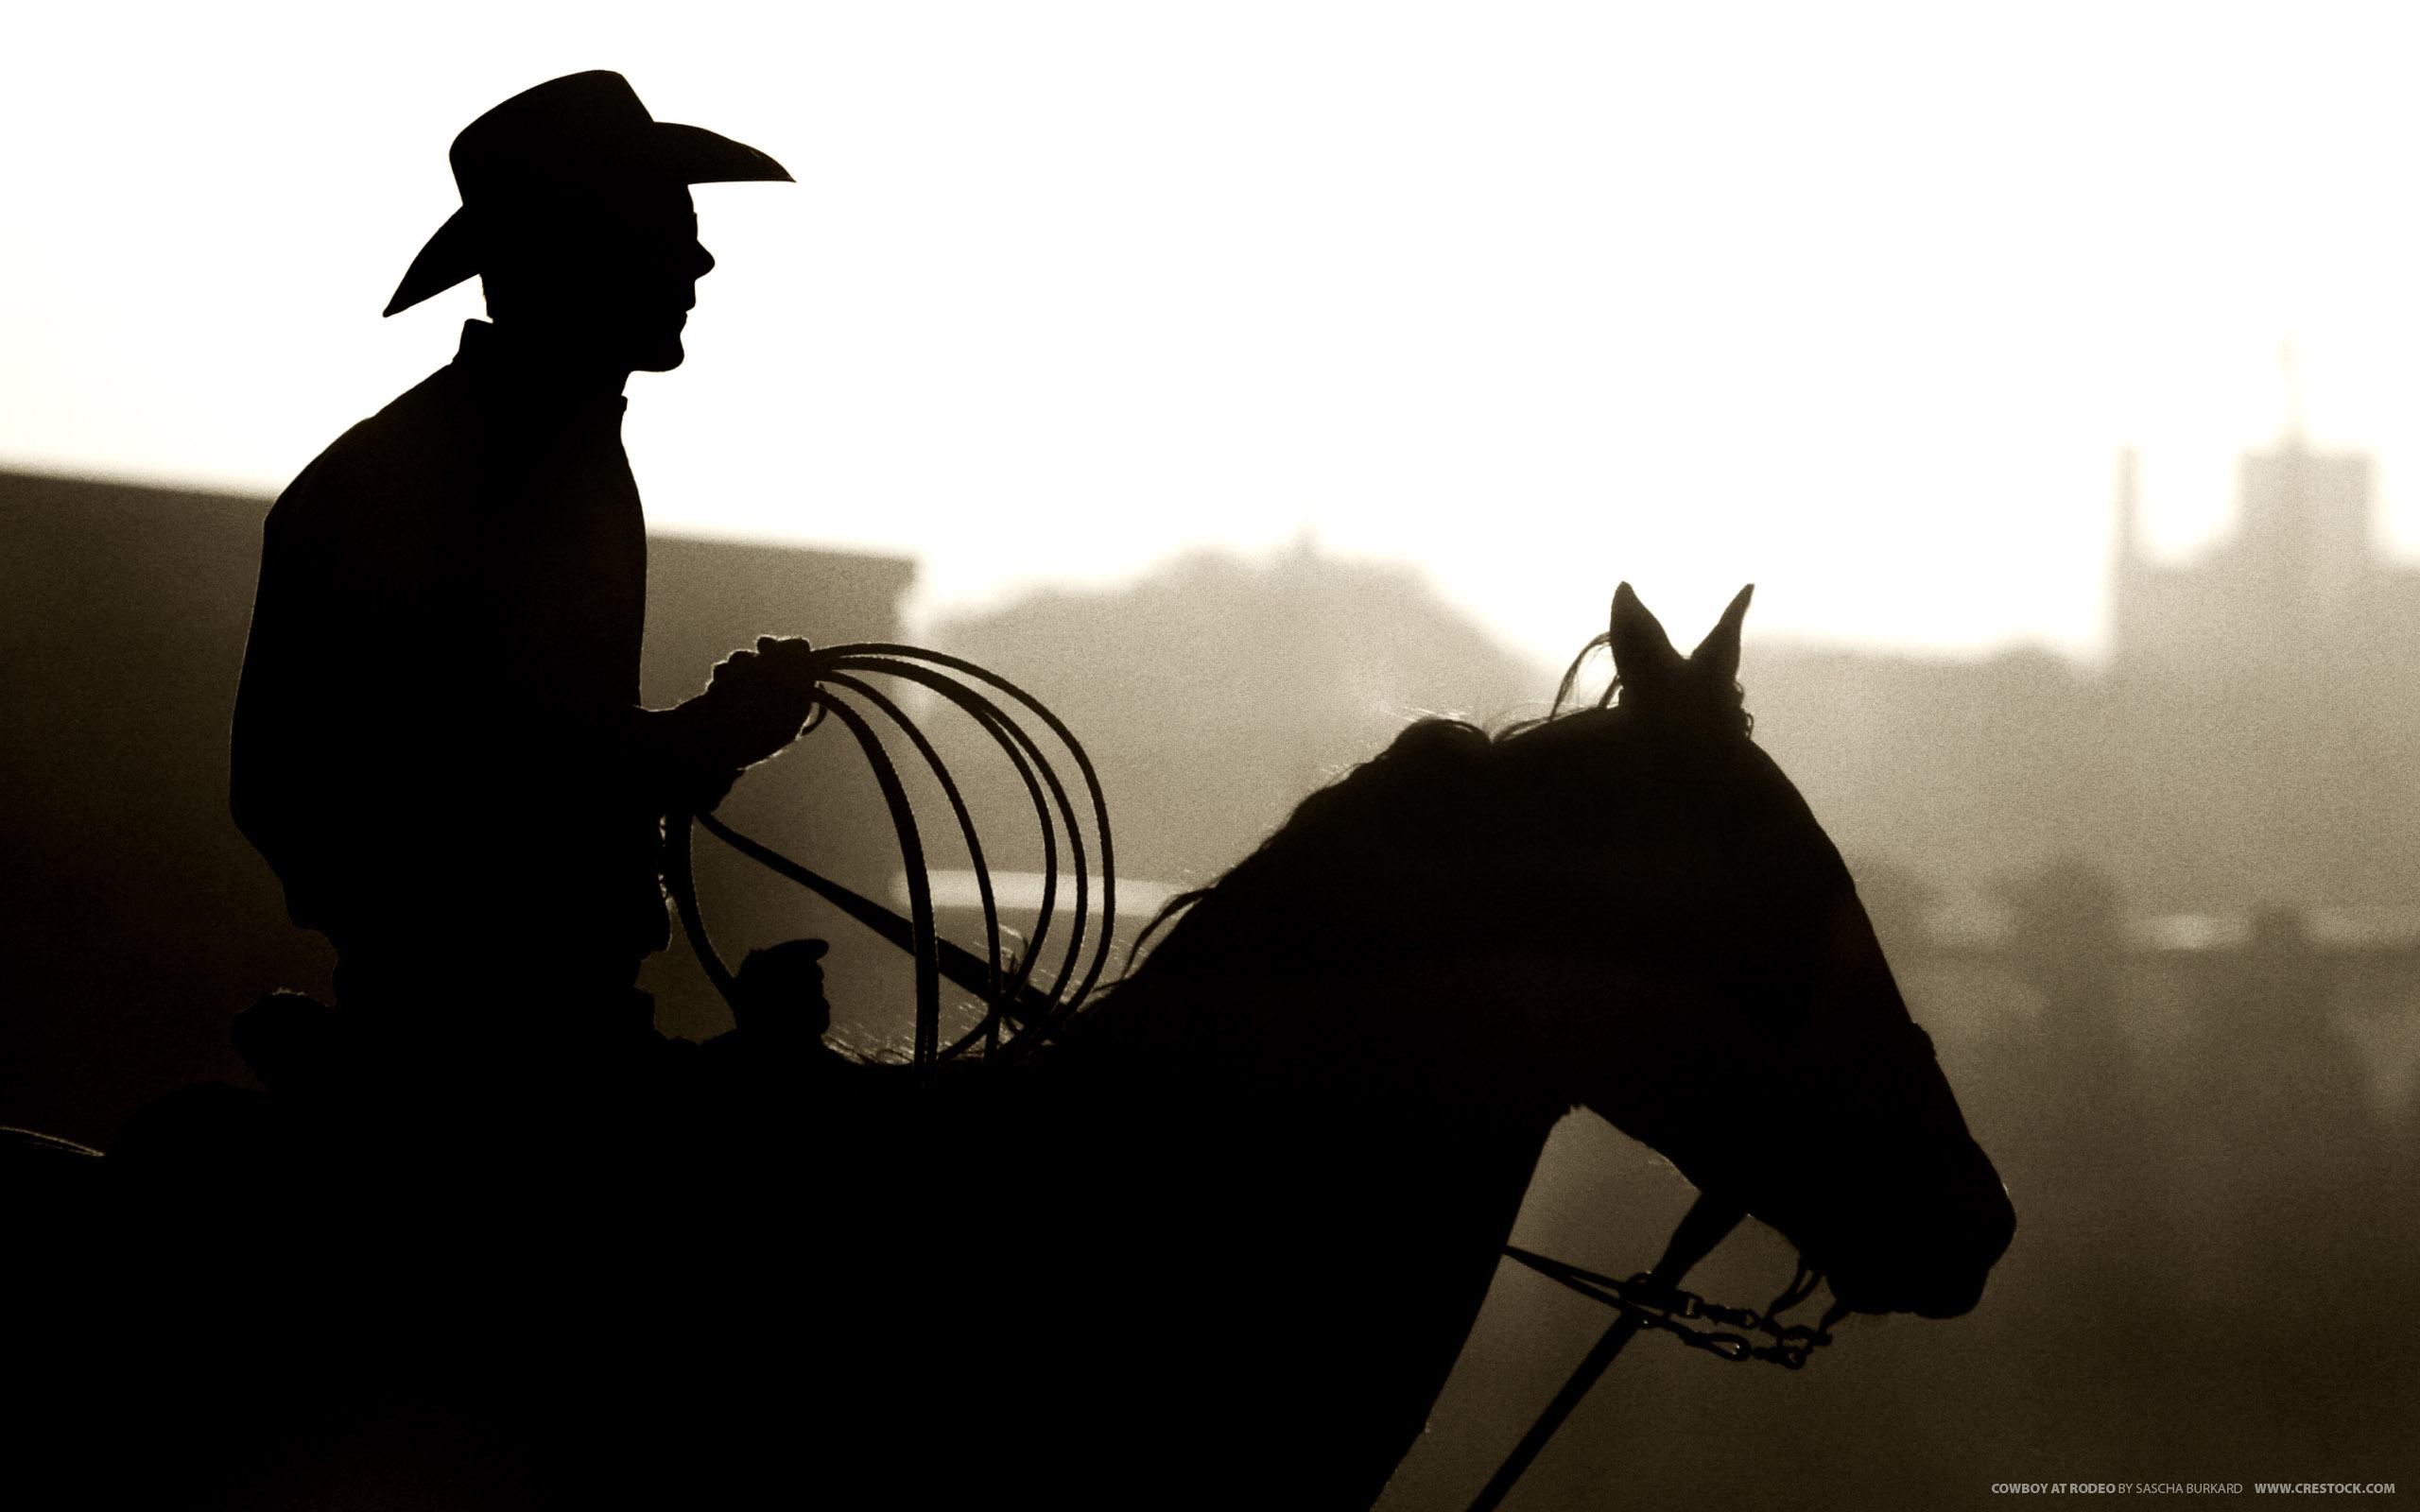 Cowboy at Rodeo 2560 x 1600 Download Close 2560x1600